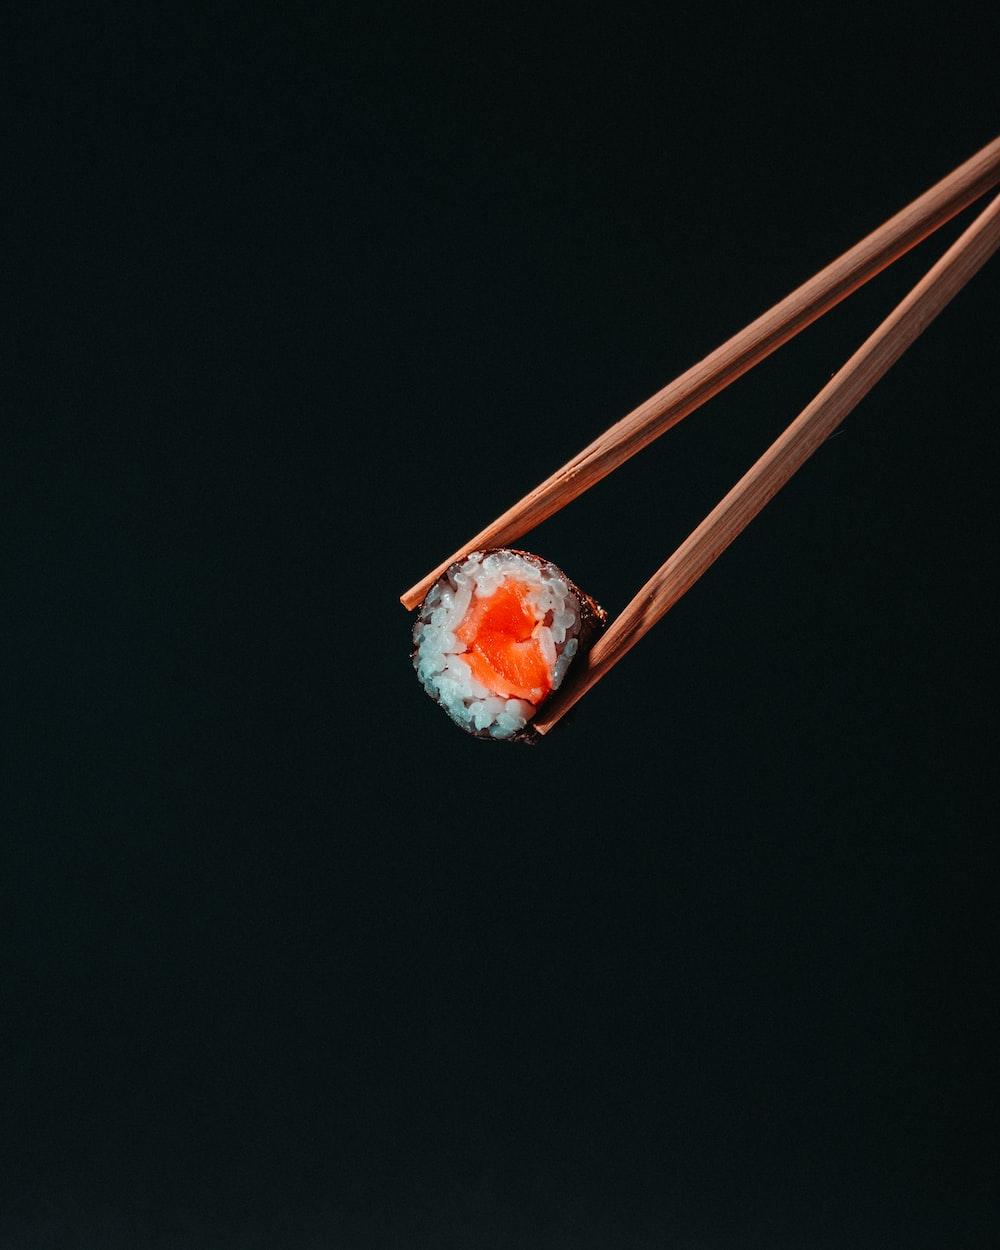 orange and white light bulb